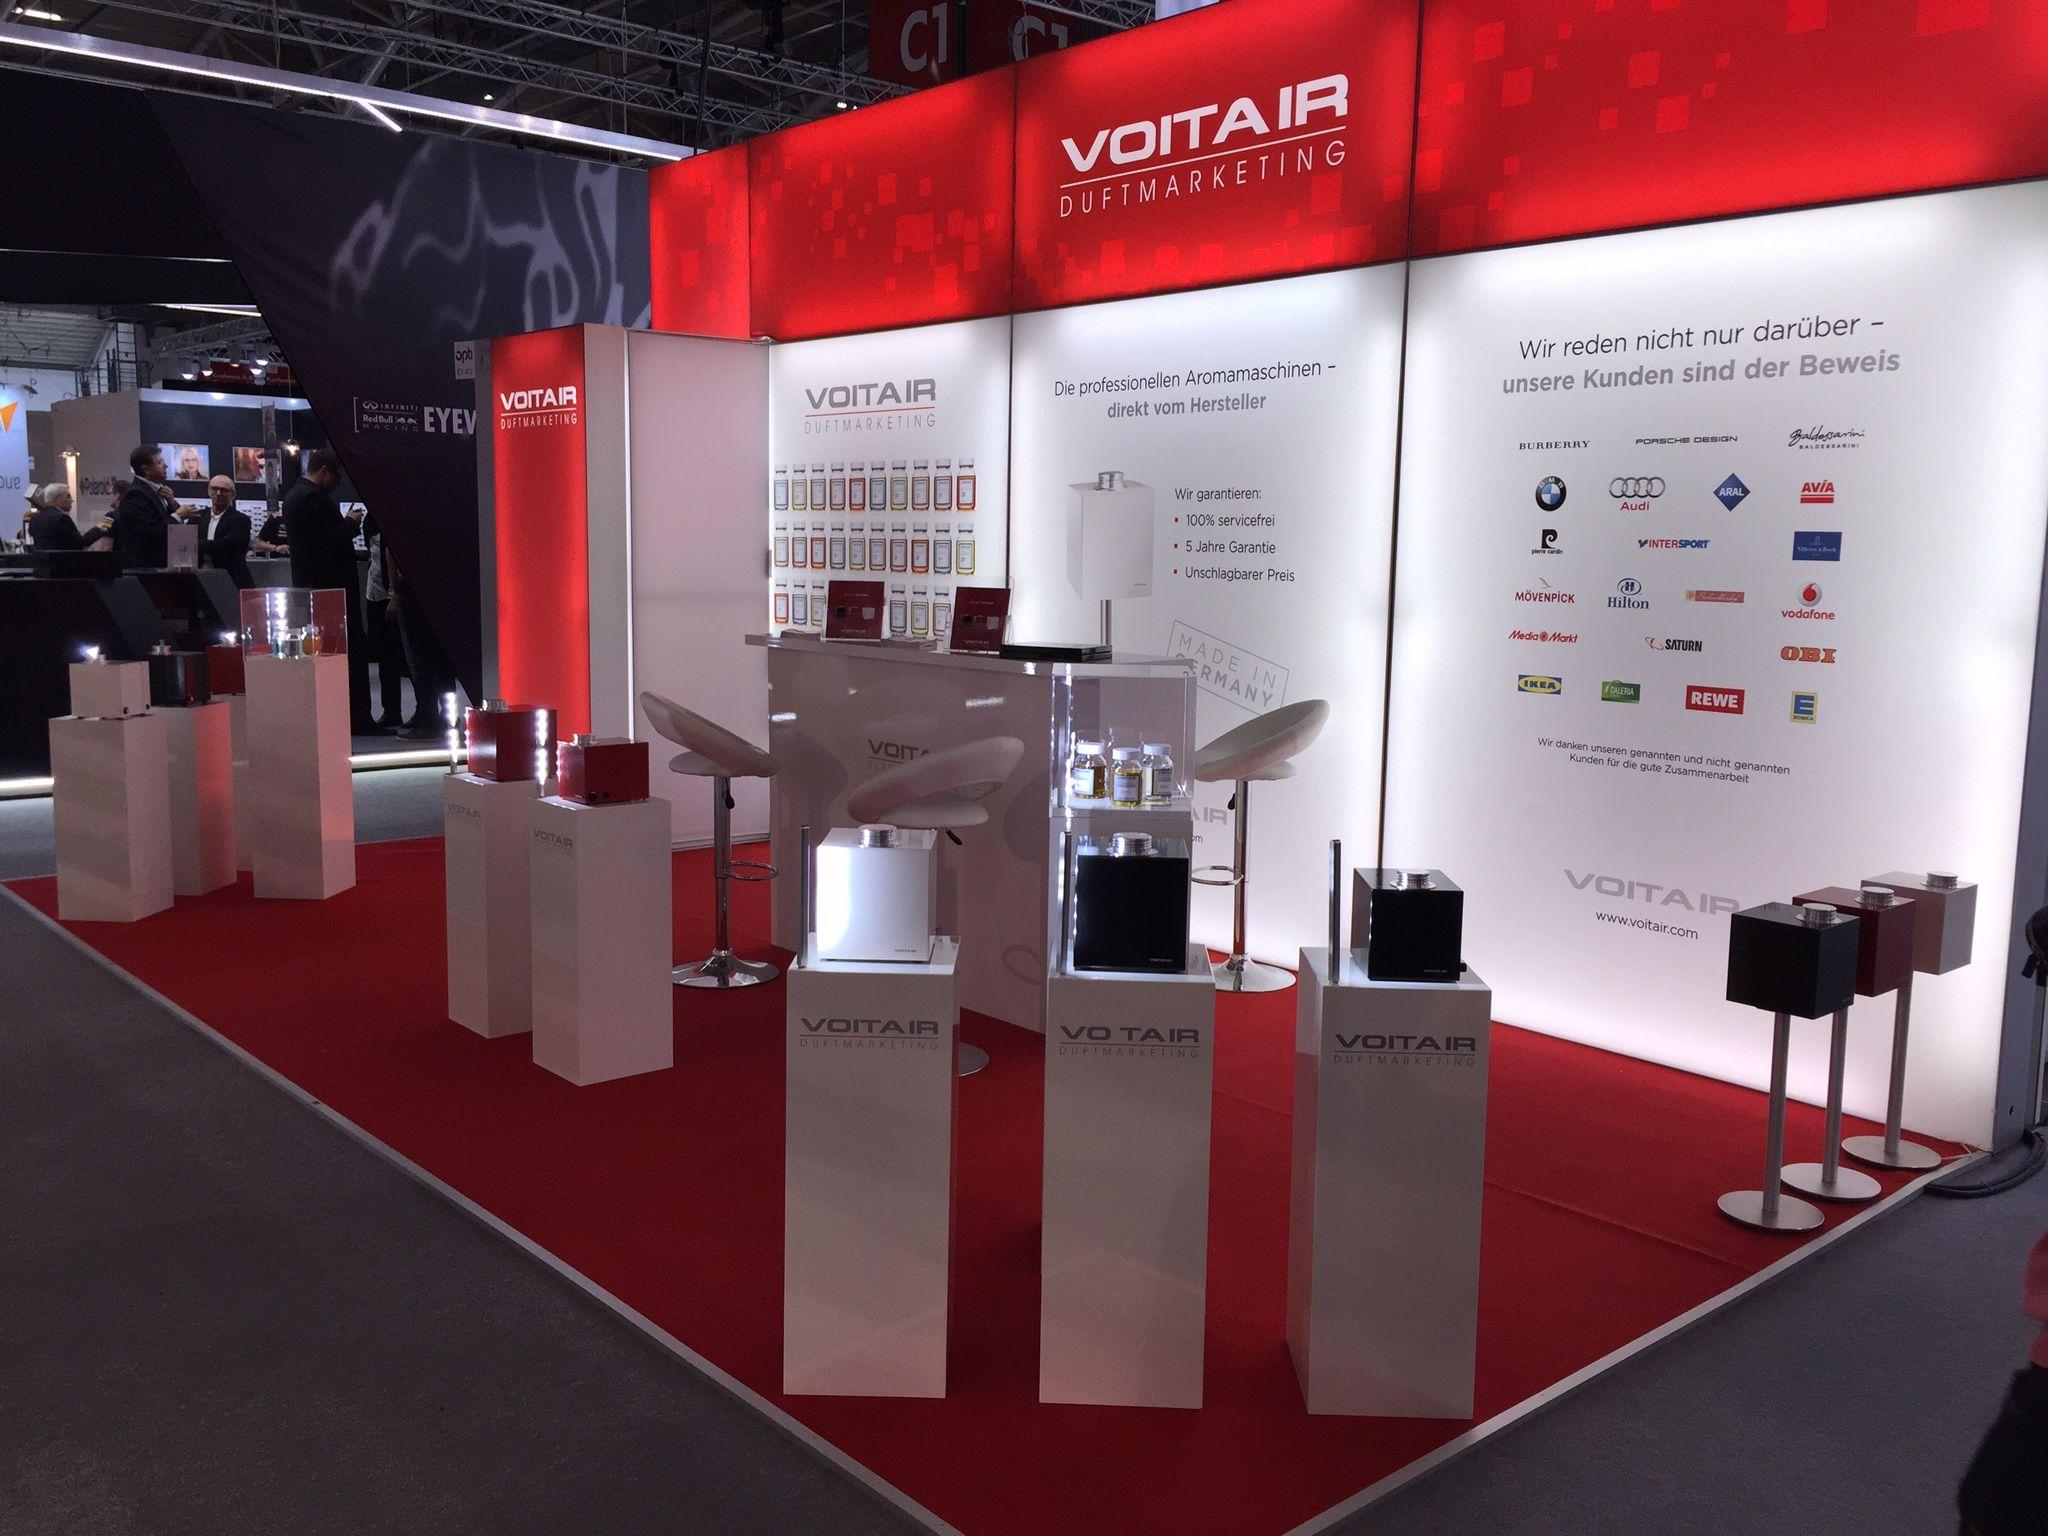 Solits Sockel auf der Messestand von Voitair GmbH, Duftmarketing. www.voitair.com und www.sockelundsaeulen.de